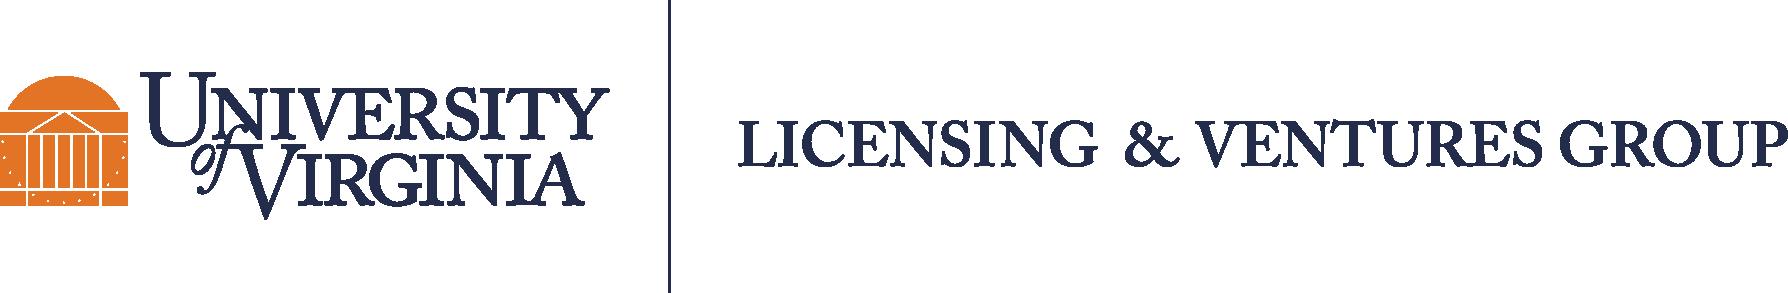 LVG logo_horizontal.png